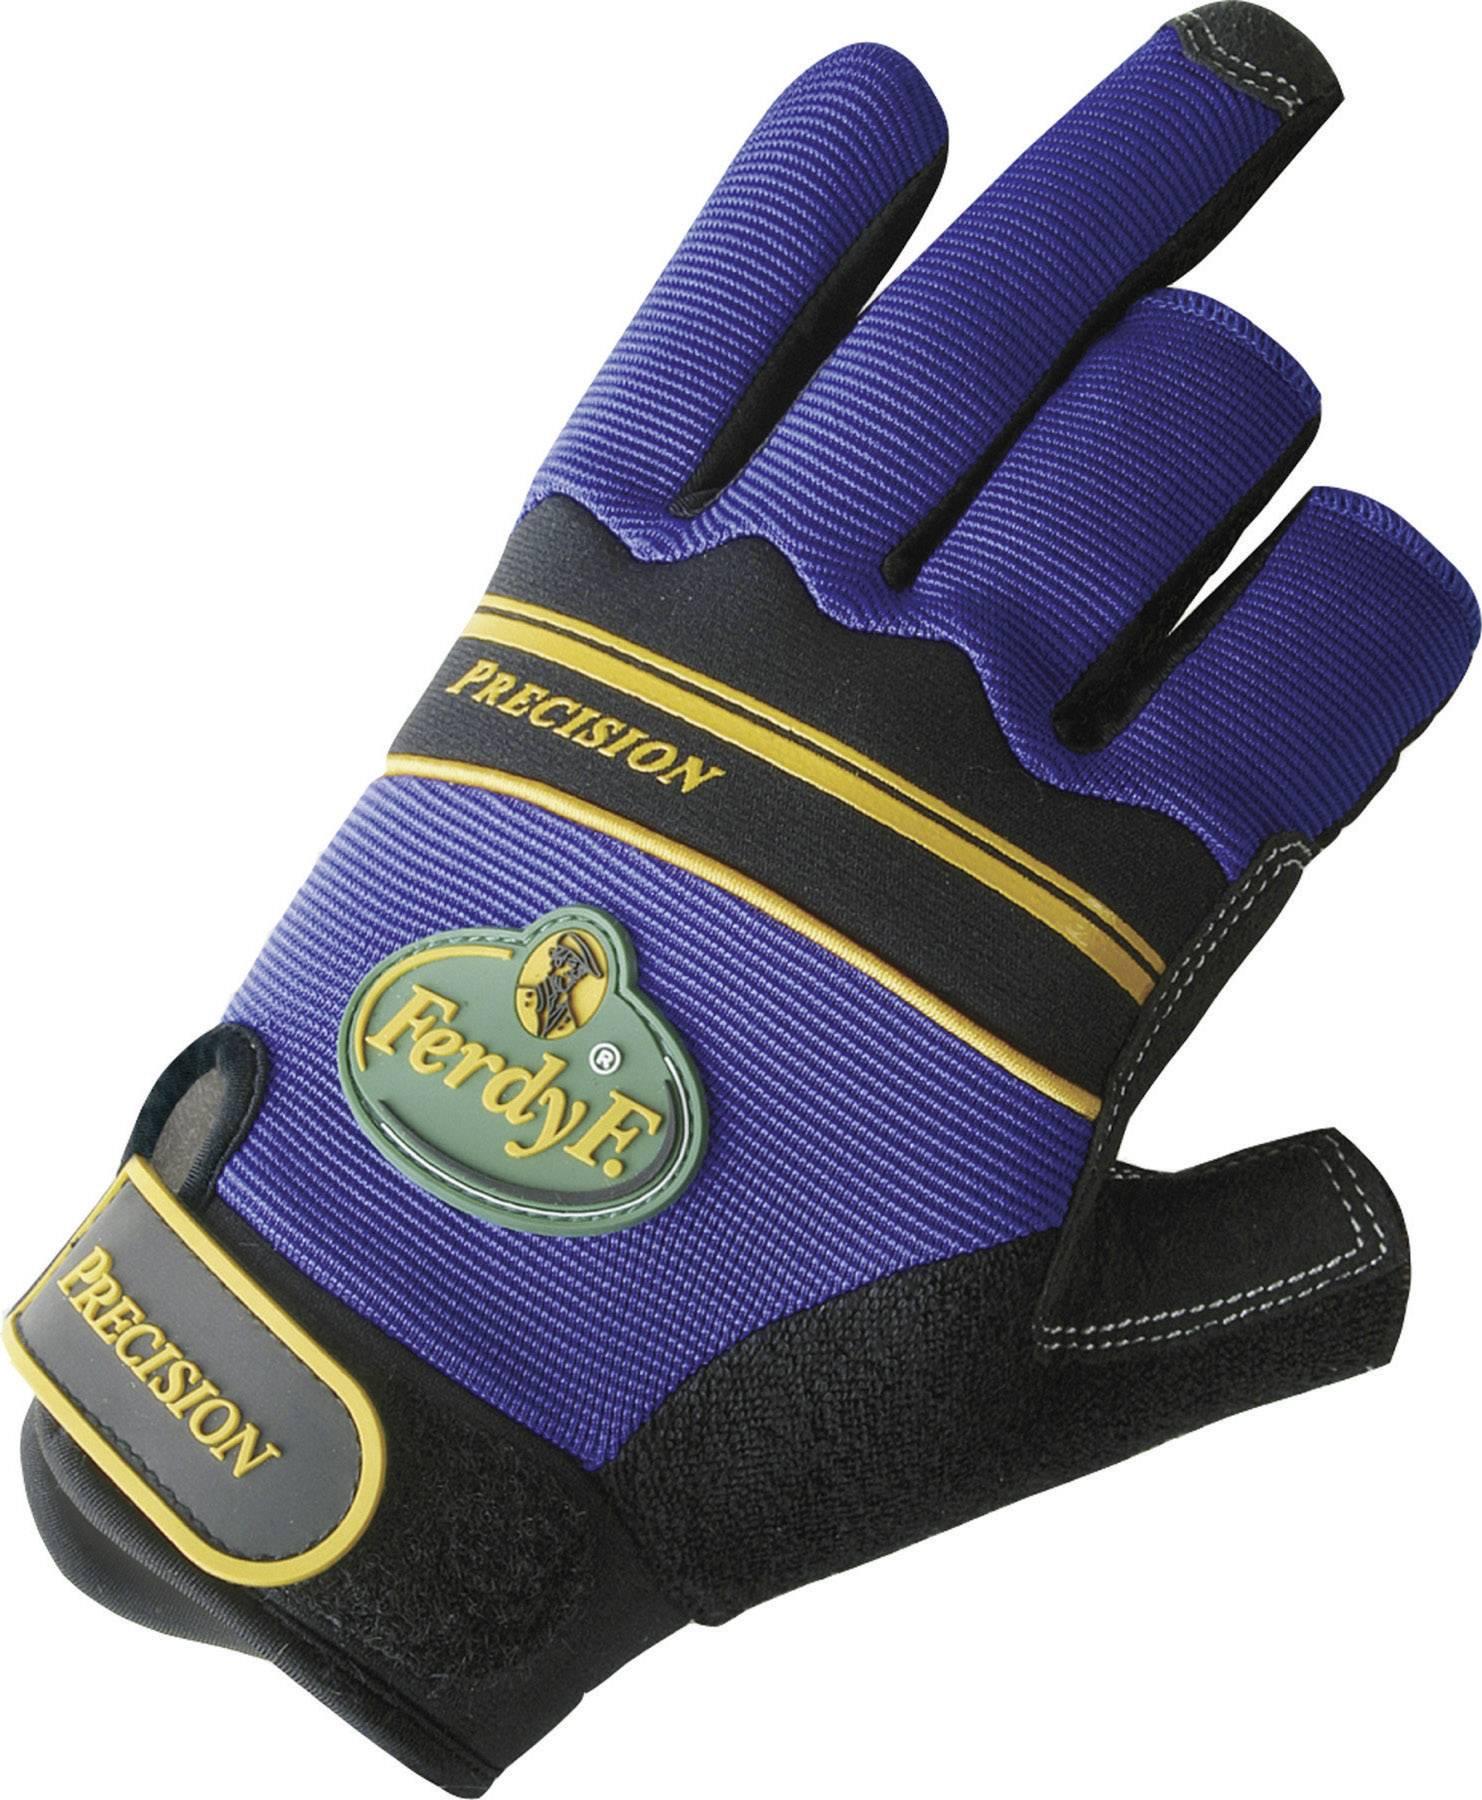 Montážní rukavice FerdyF. PRECISION 1920, CLARINO® - Syntetická kůže, velikost rukavic: 7, S